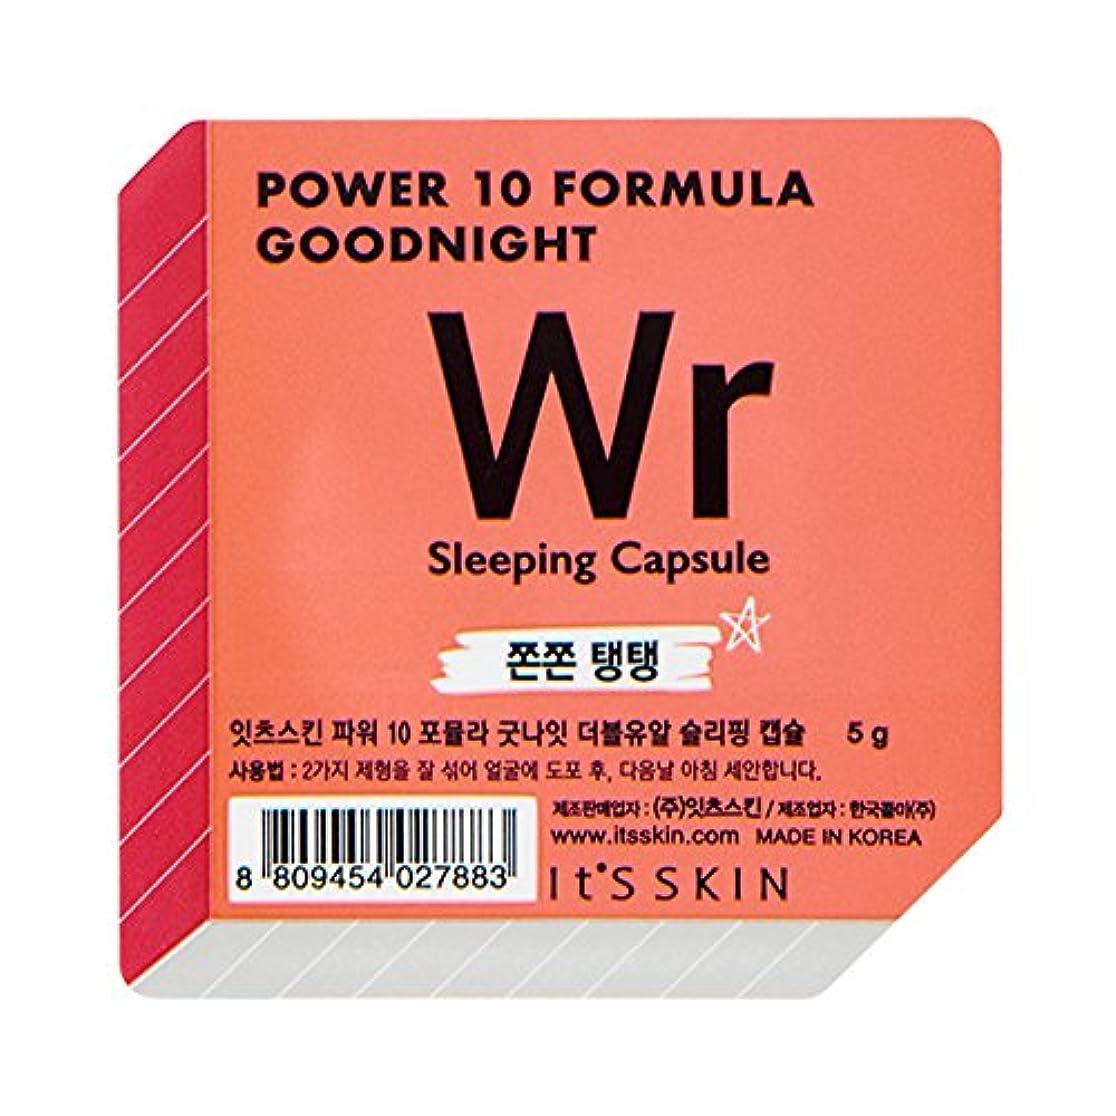 ステーキ弱まる襟イッツスキン パワー10フォーミュラ #WR(シワ改善) グッドナイトスリーピングカプセル 5g×2個セット/It's skin Power10 Formula #WR Good Night Sleeping Capsule...